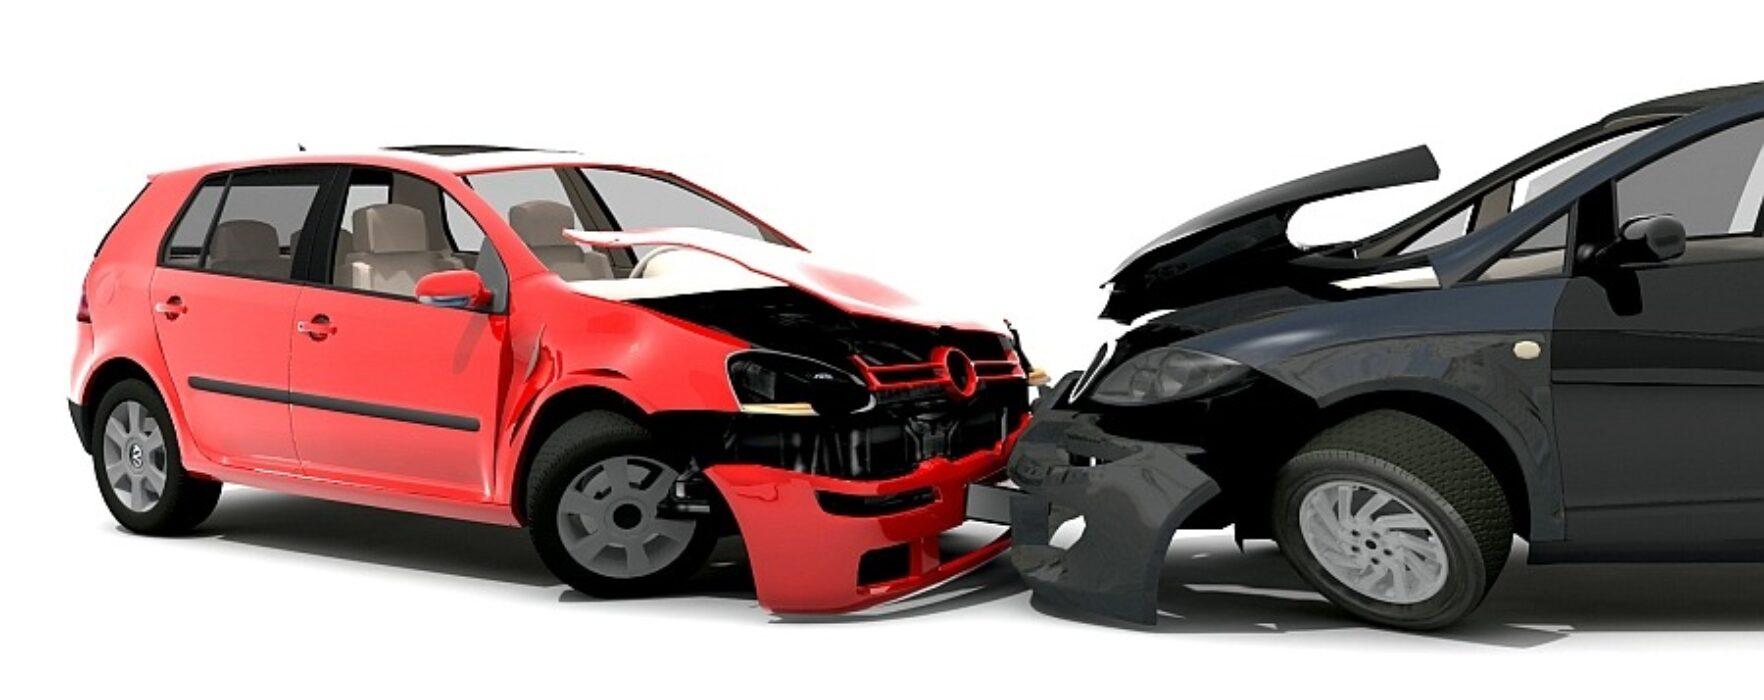 Dâmboviţa: Cele mai multe accidente între 12.00-13.00, drumul cel mai periculos DN 72 Târgovişte- Dărmăneşti